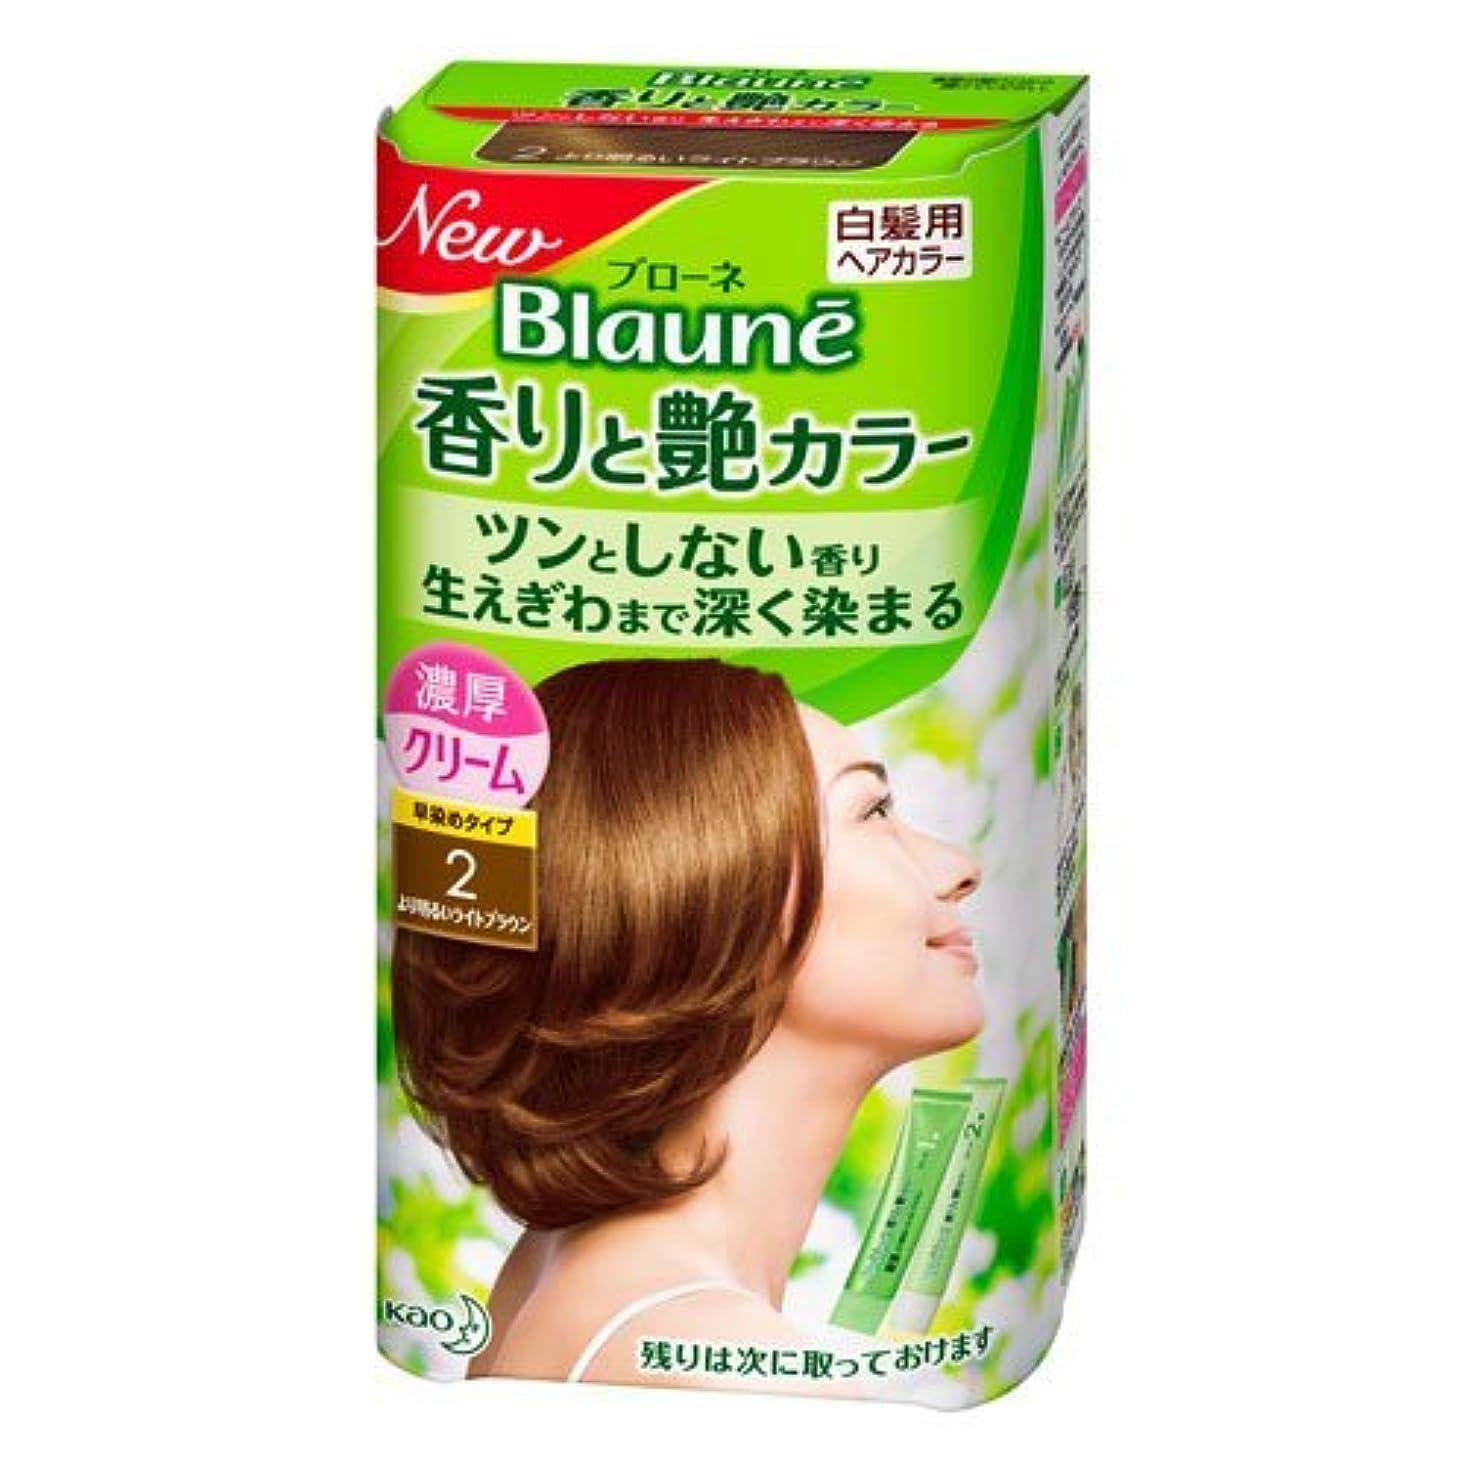 夏笑転倒【花王】ブローネ 香りと艶カラー クリーム 2:より明るいライトブラウン 80g ×5個セット